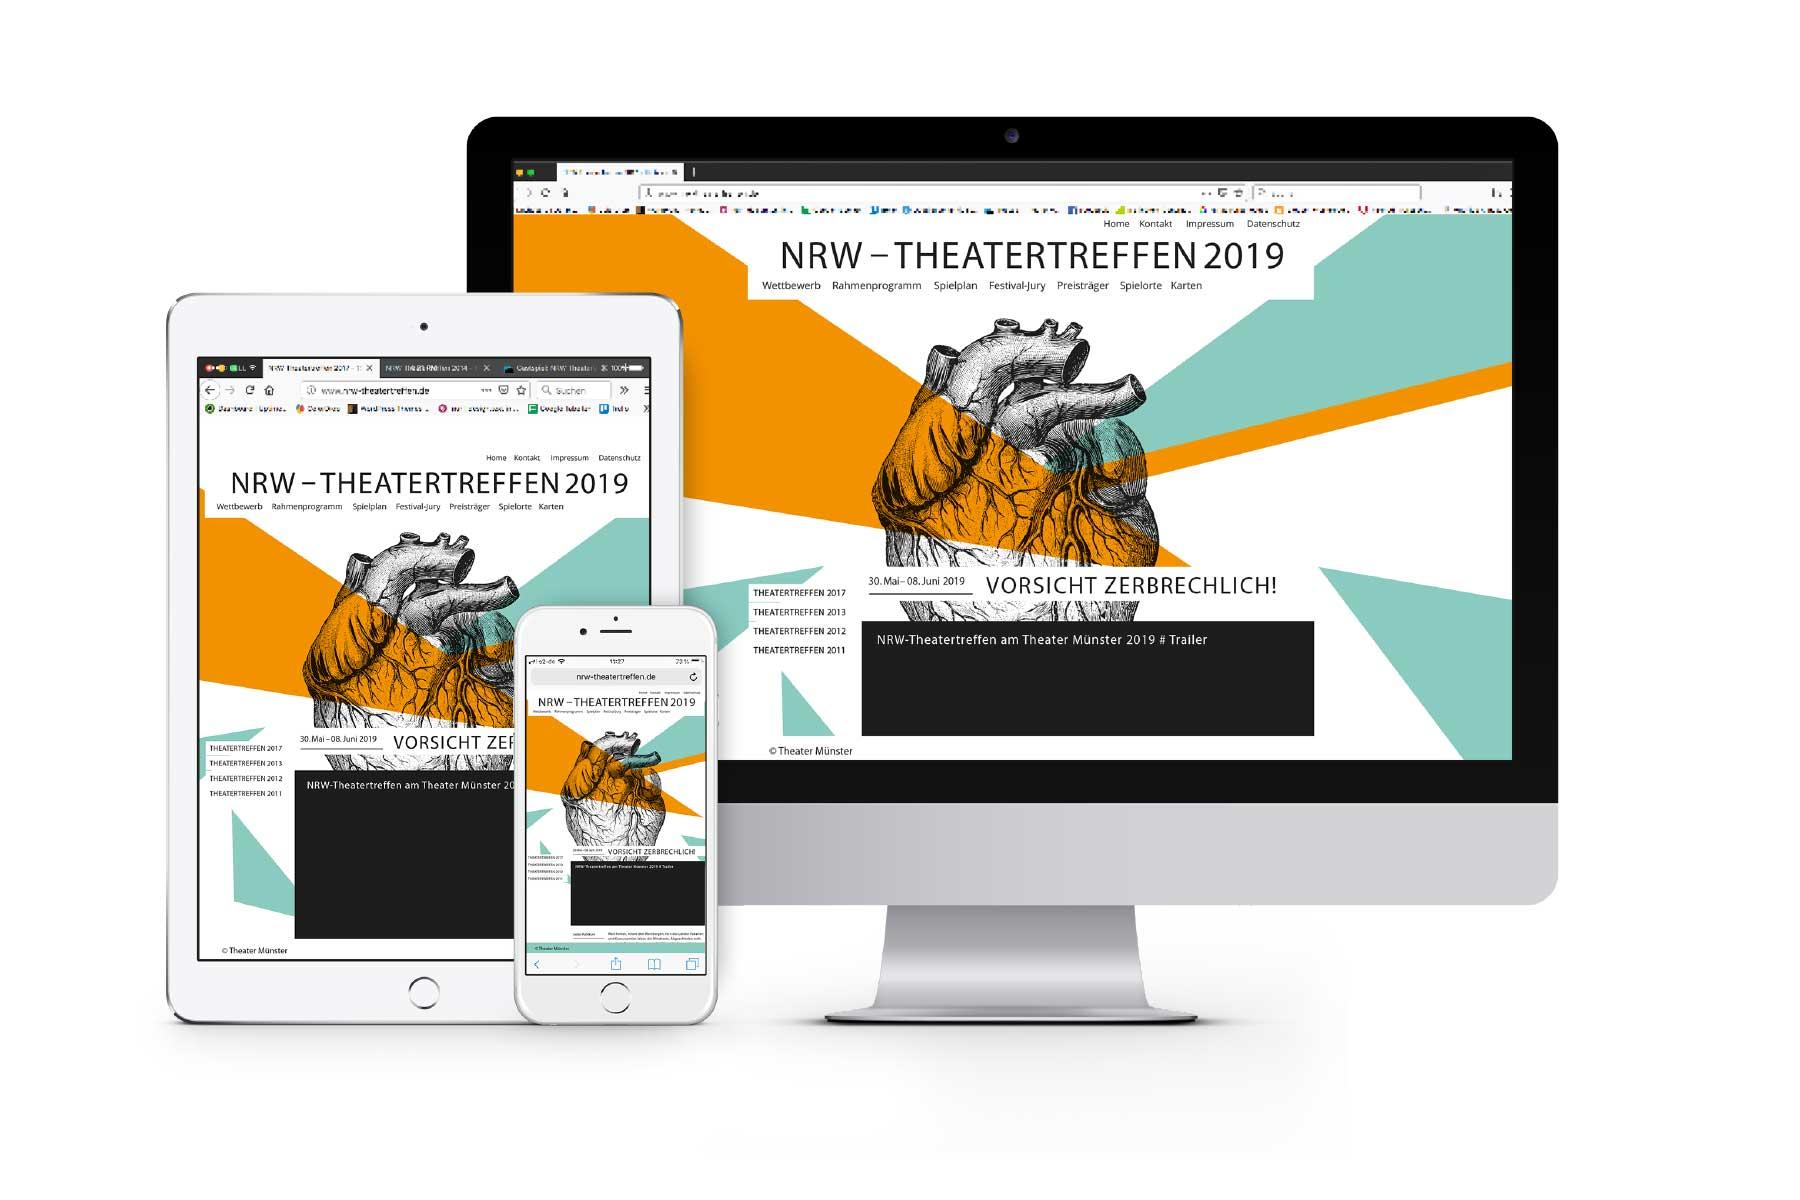 Theatertreffen NRW Responisve Web